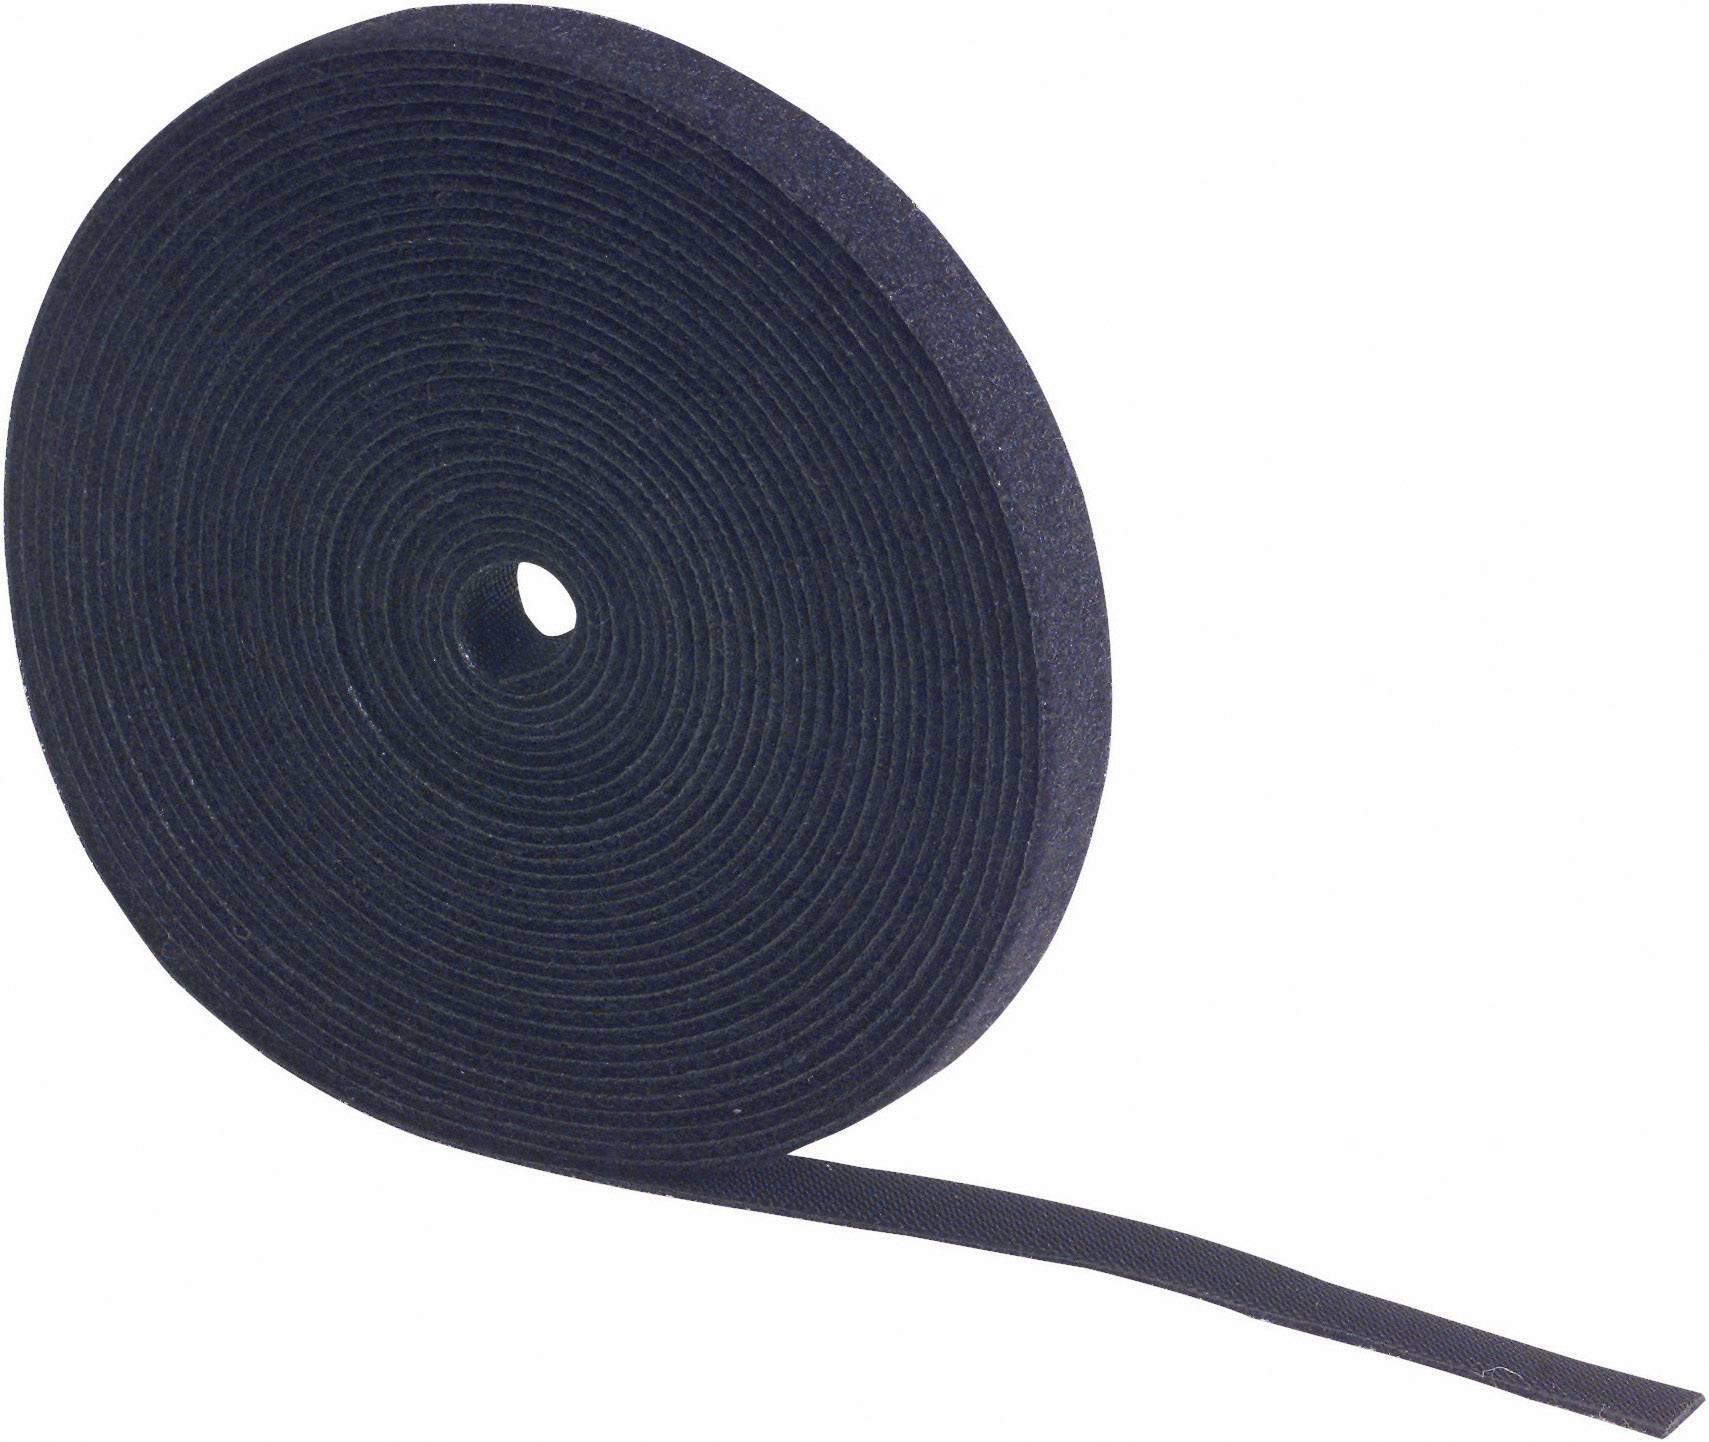 Páska se suchým zipem, Fastech 910-530C, červená, 1 m x 20 mm